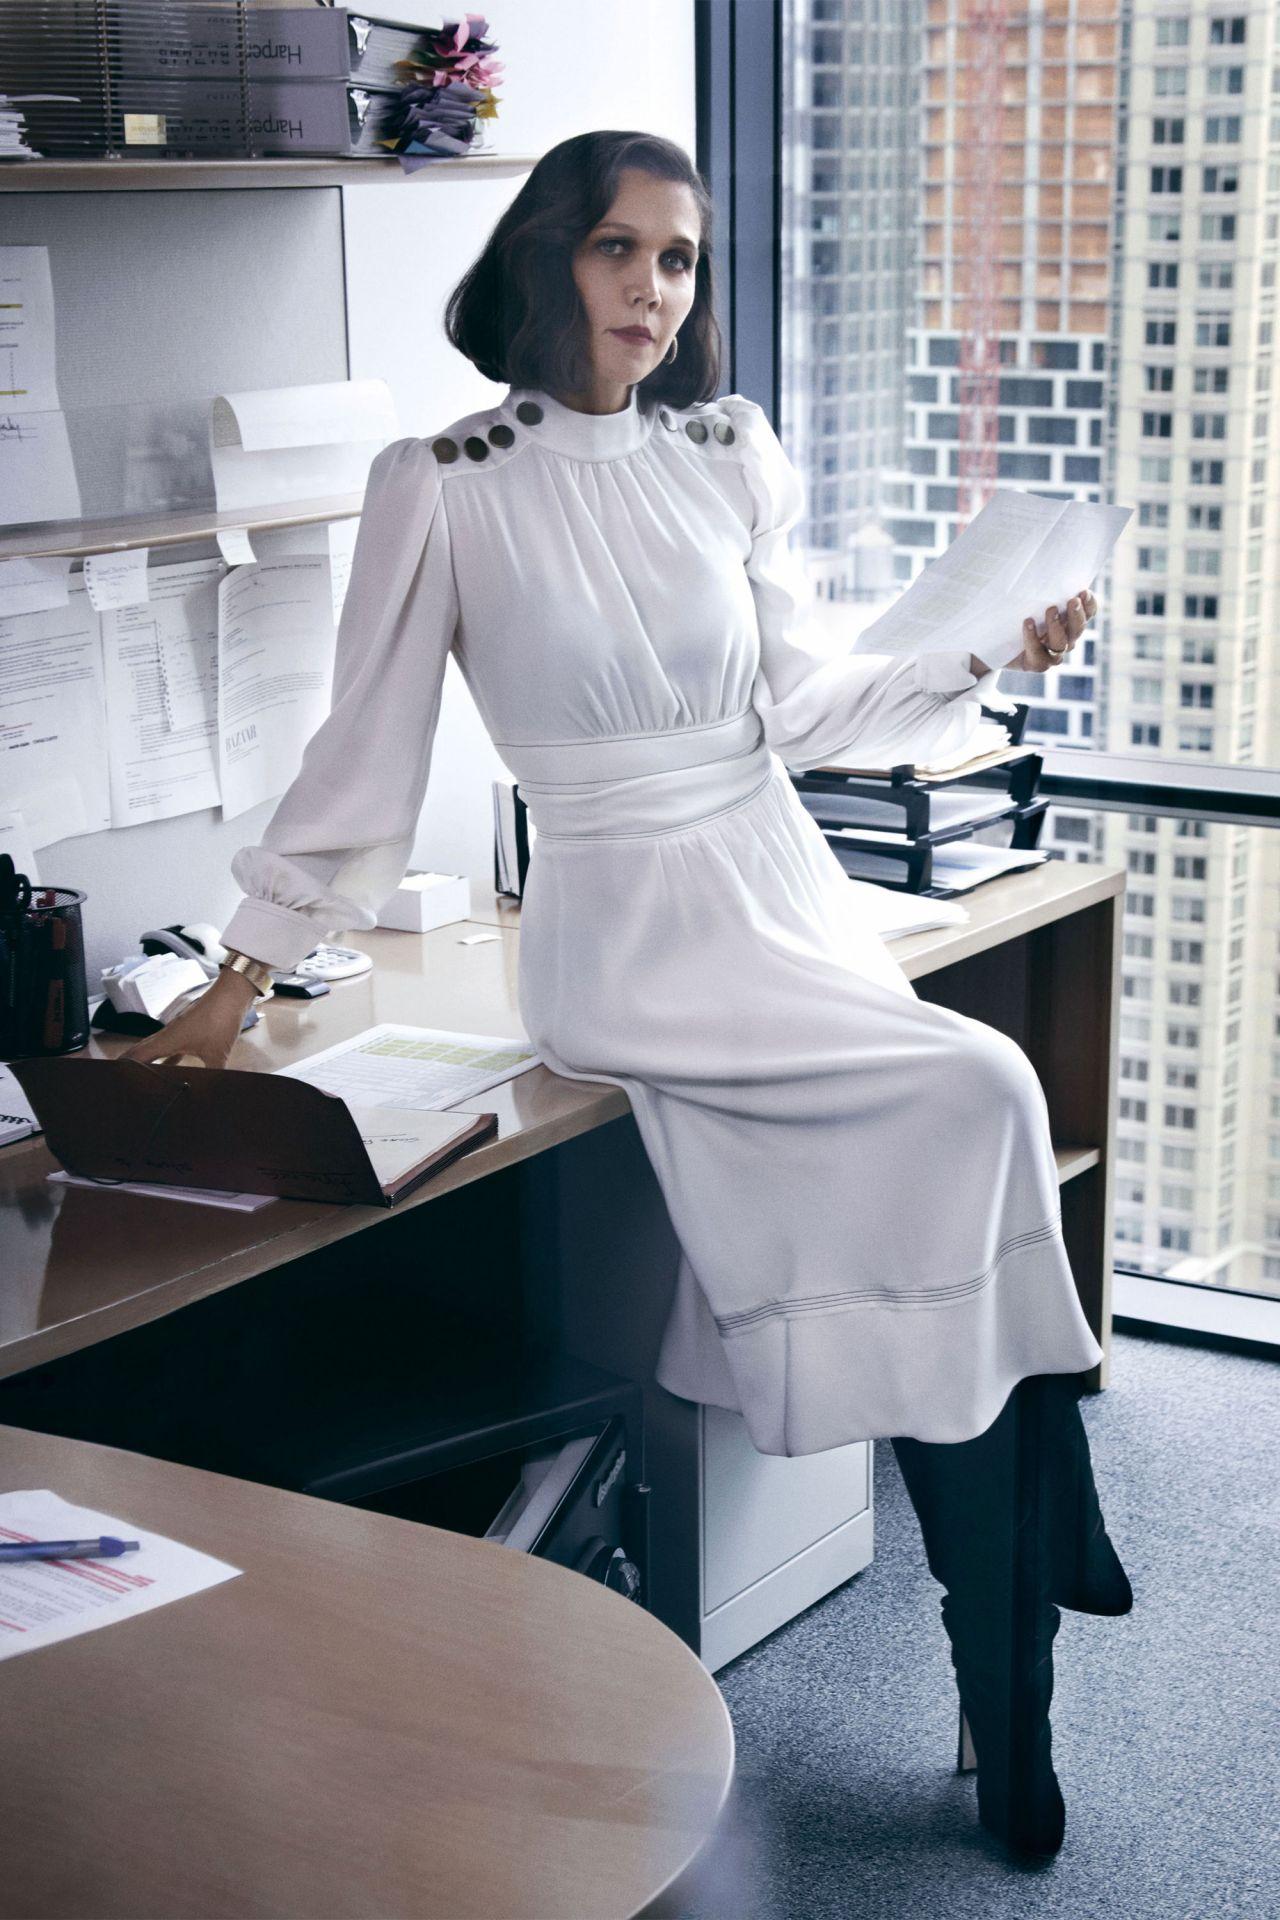 Maggie gyllenhaal harpers bazaar october 2019 photos